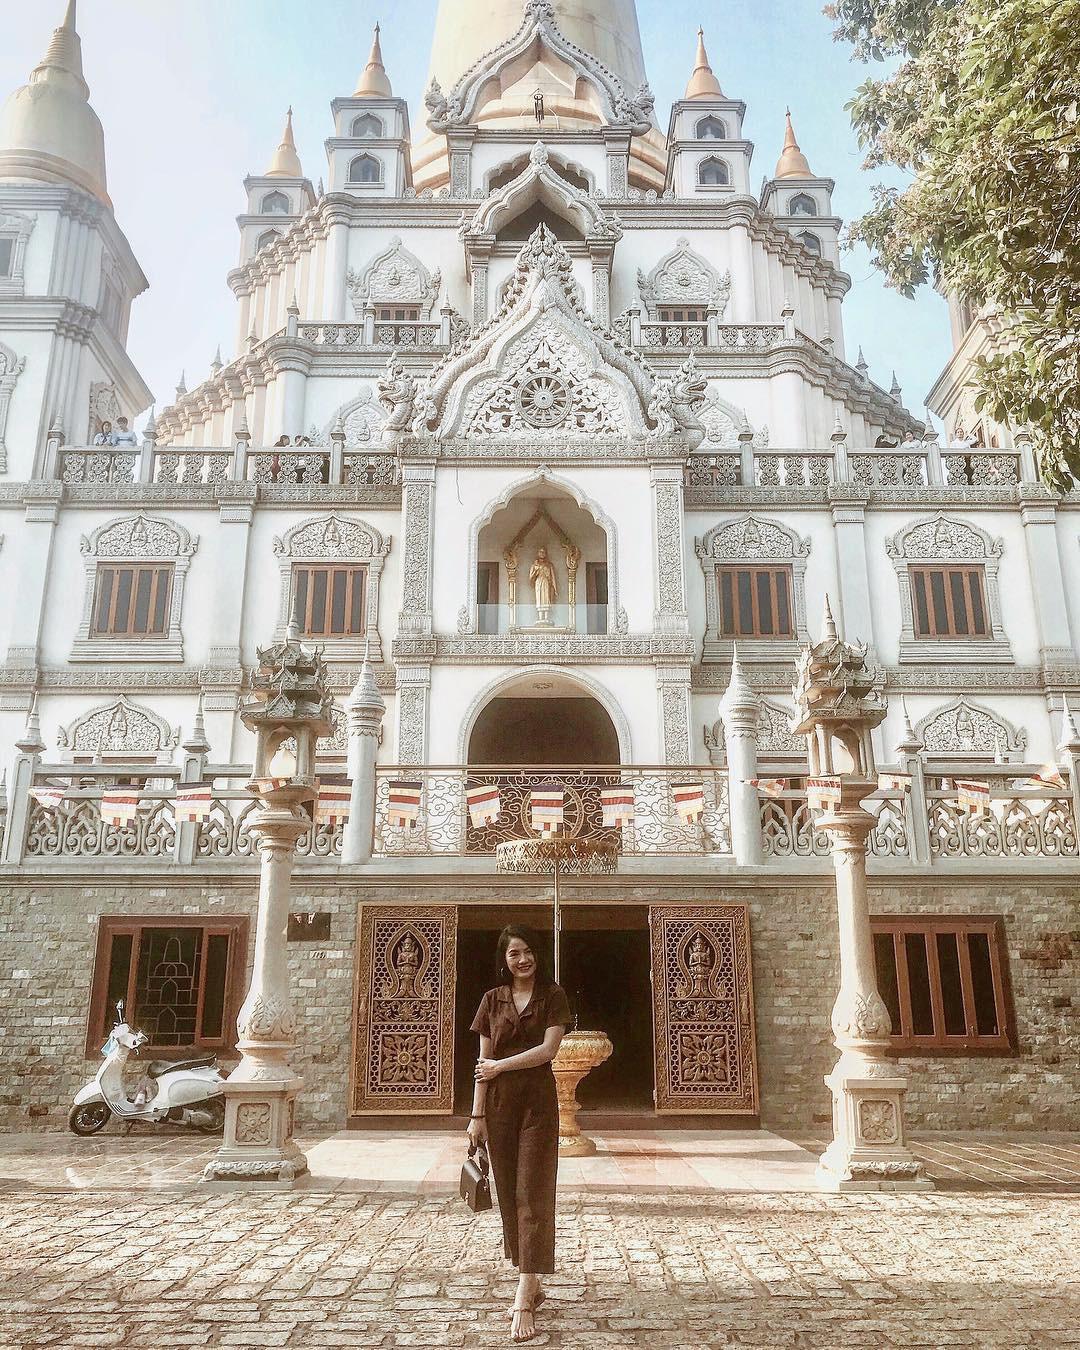 """Rời khỏi lòng thành phố ồn ào một chút để ghé ngôi chùa """"độc nhất vô nhị"""" ở Sài Gòn đang hot ầm ầm trên mạng"""